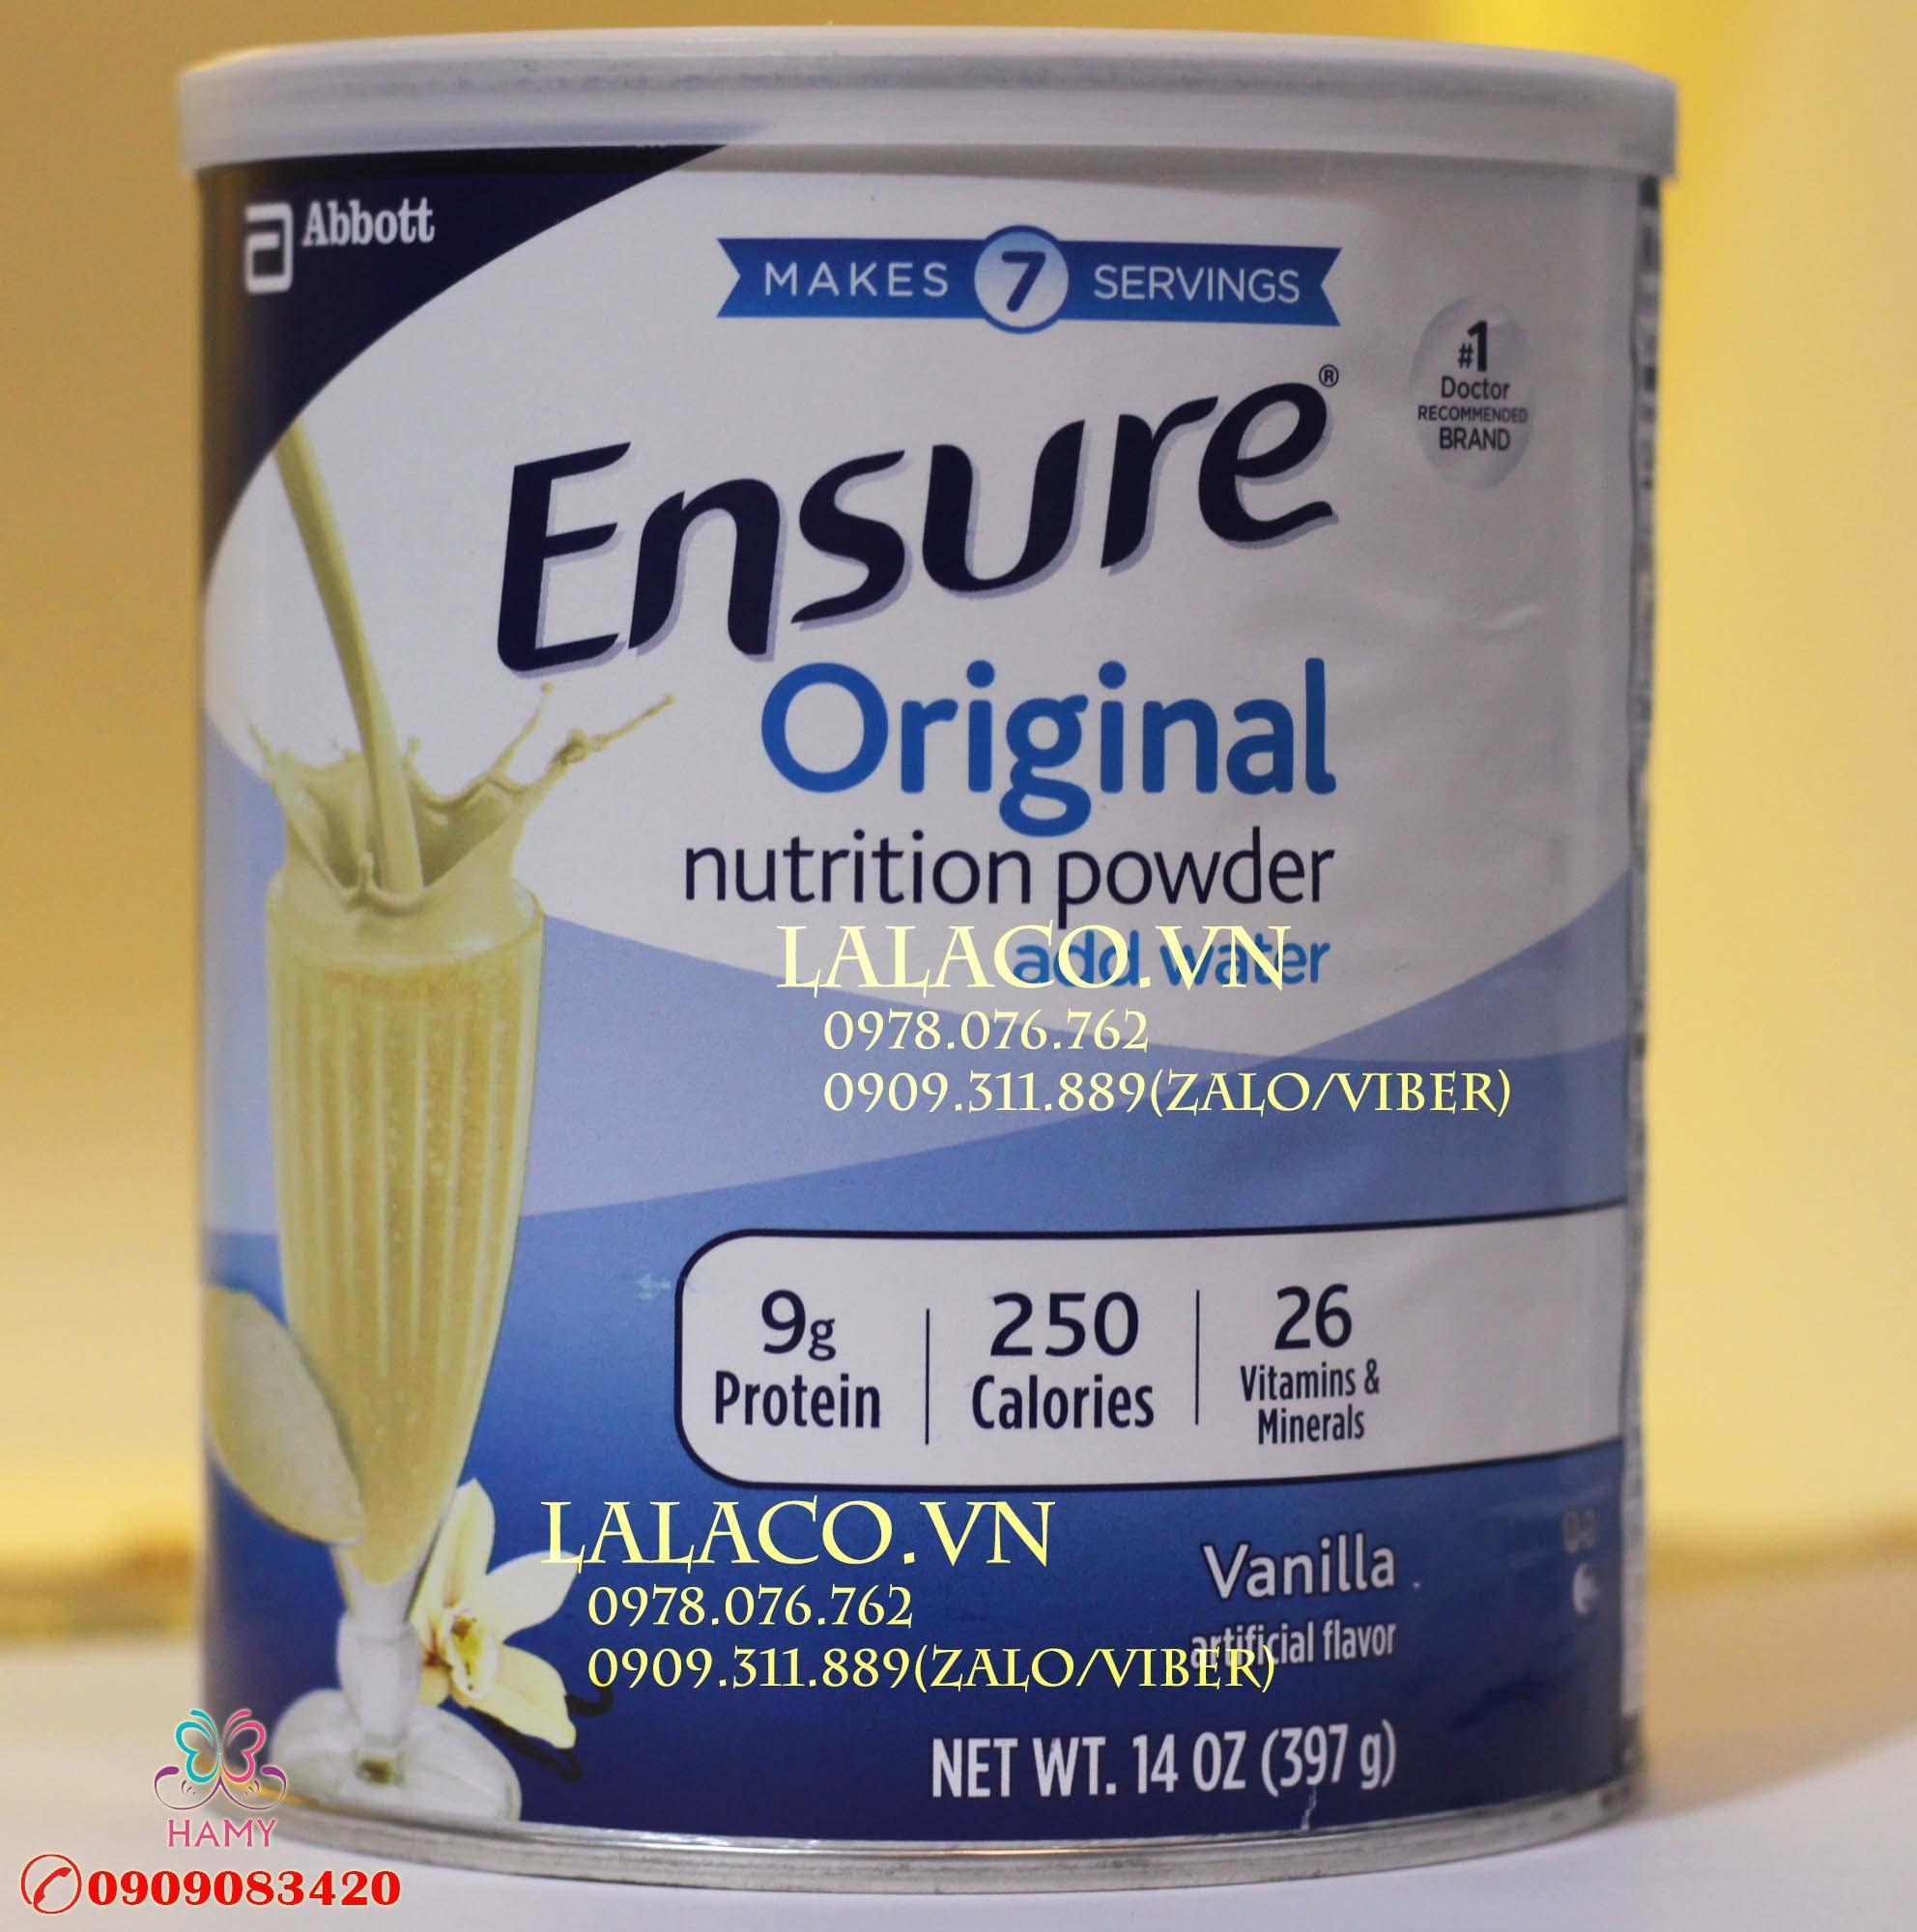 Sữa bột Ensure Original Nutrition Powder 397g Mỹ OEM – Review sản phẩm